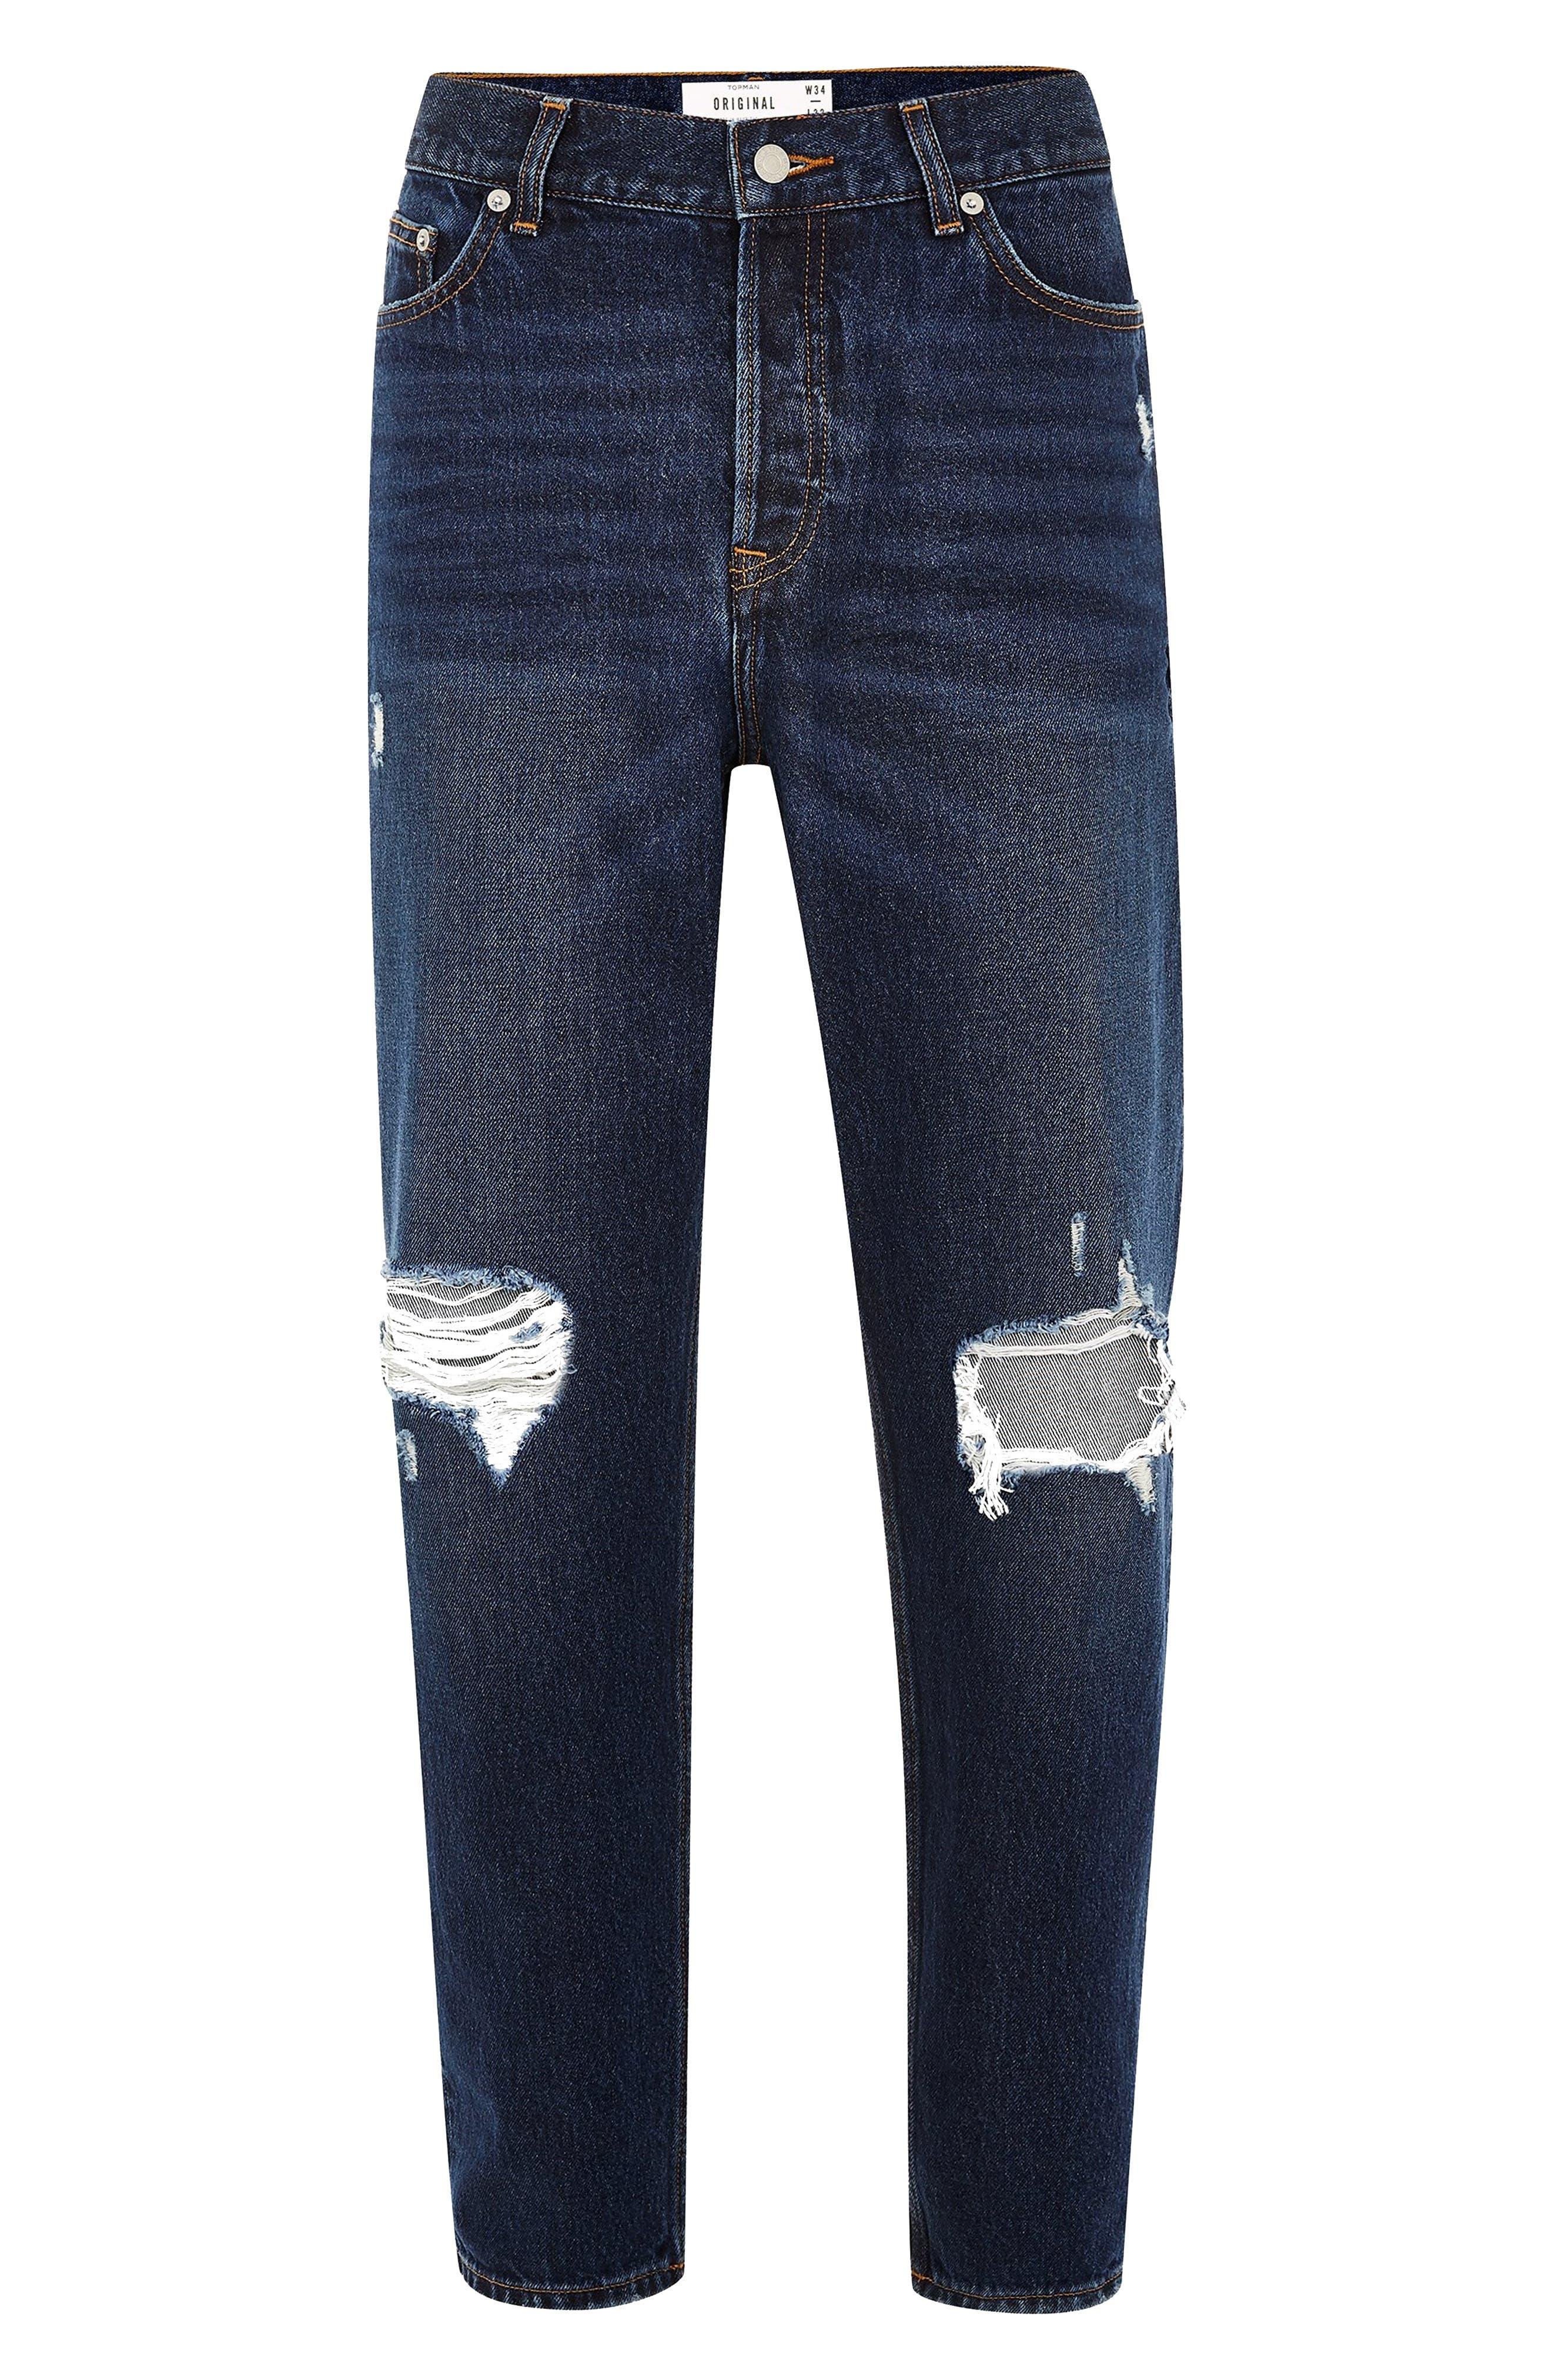 TOPMAN, Mikey Original Fit Jeans, Alternate thumbnail 5, color, 400